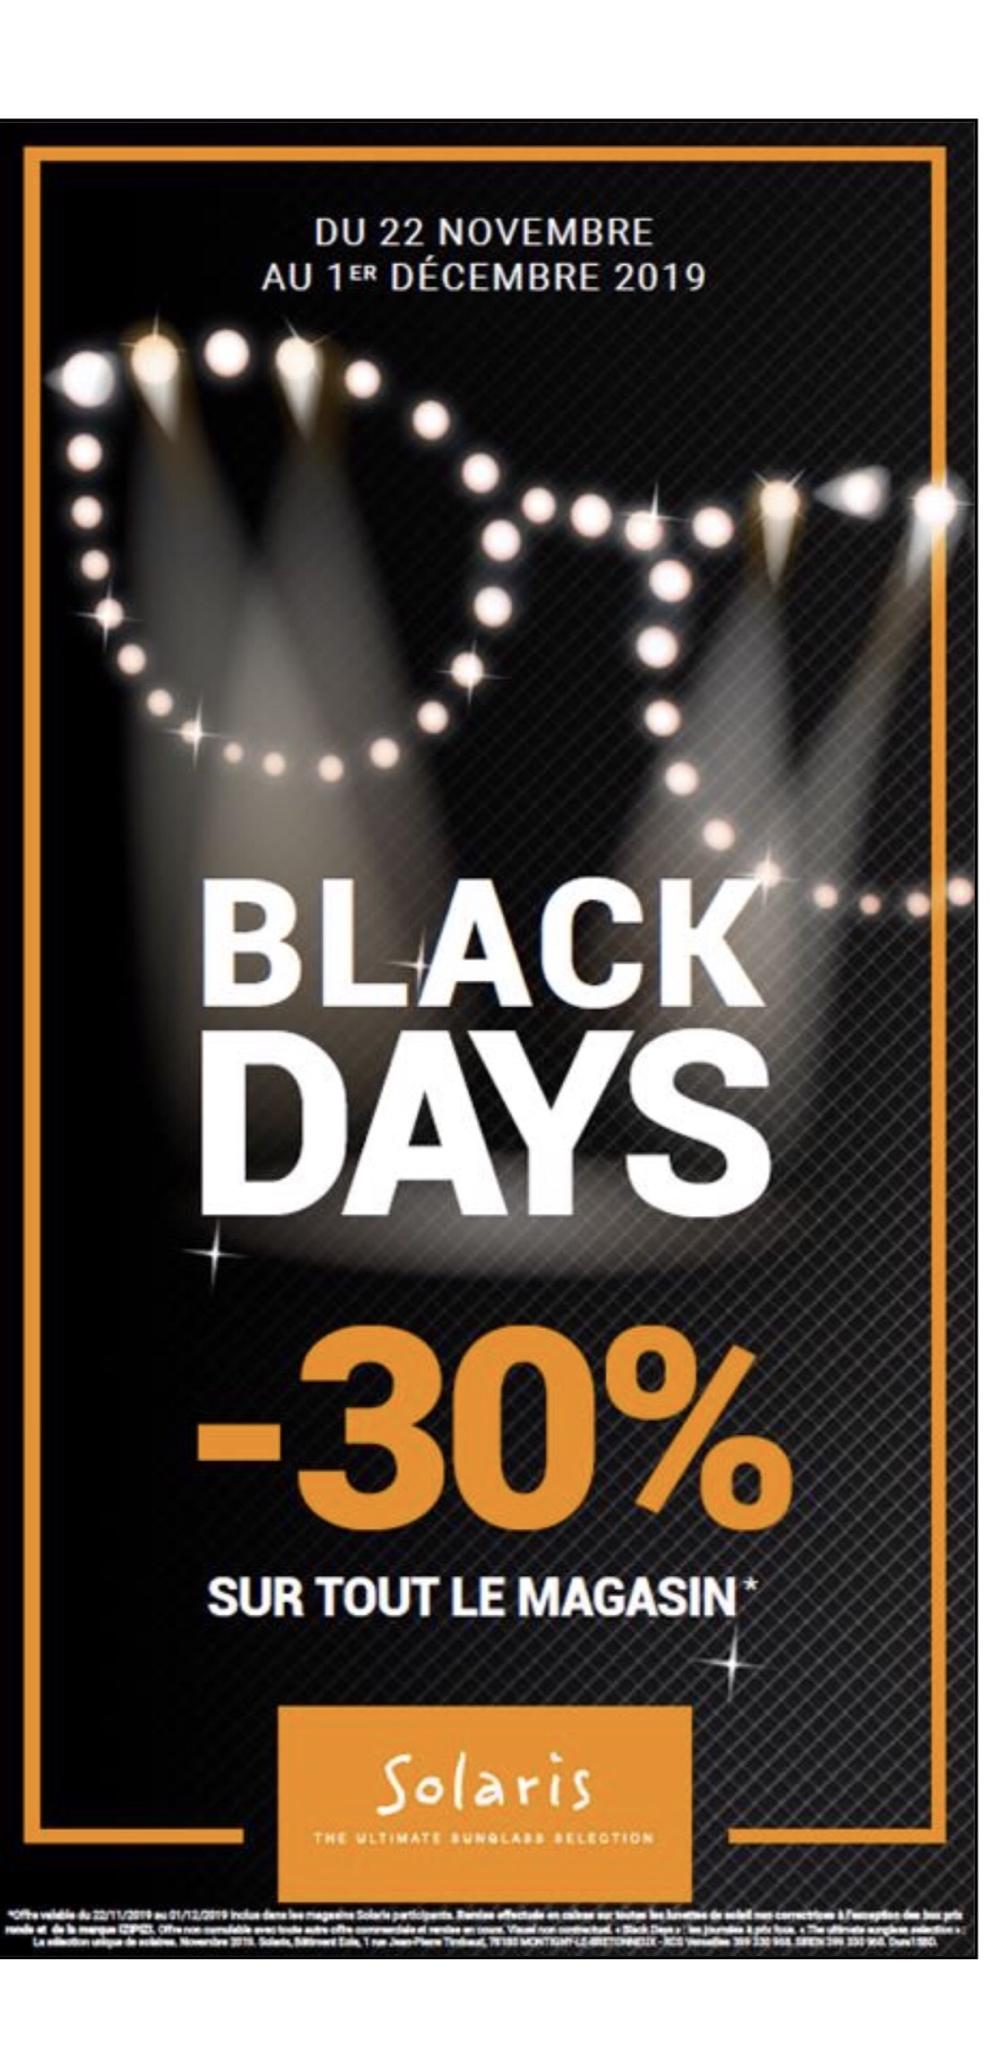 30% de réduction sur tout le magasin (Hors exceptions) - Solaris